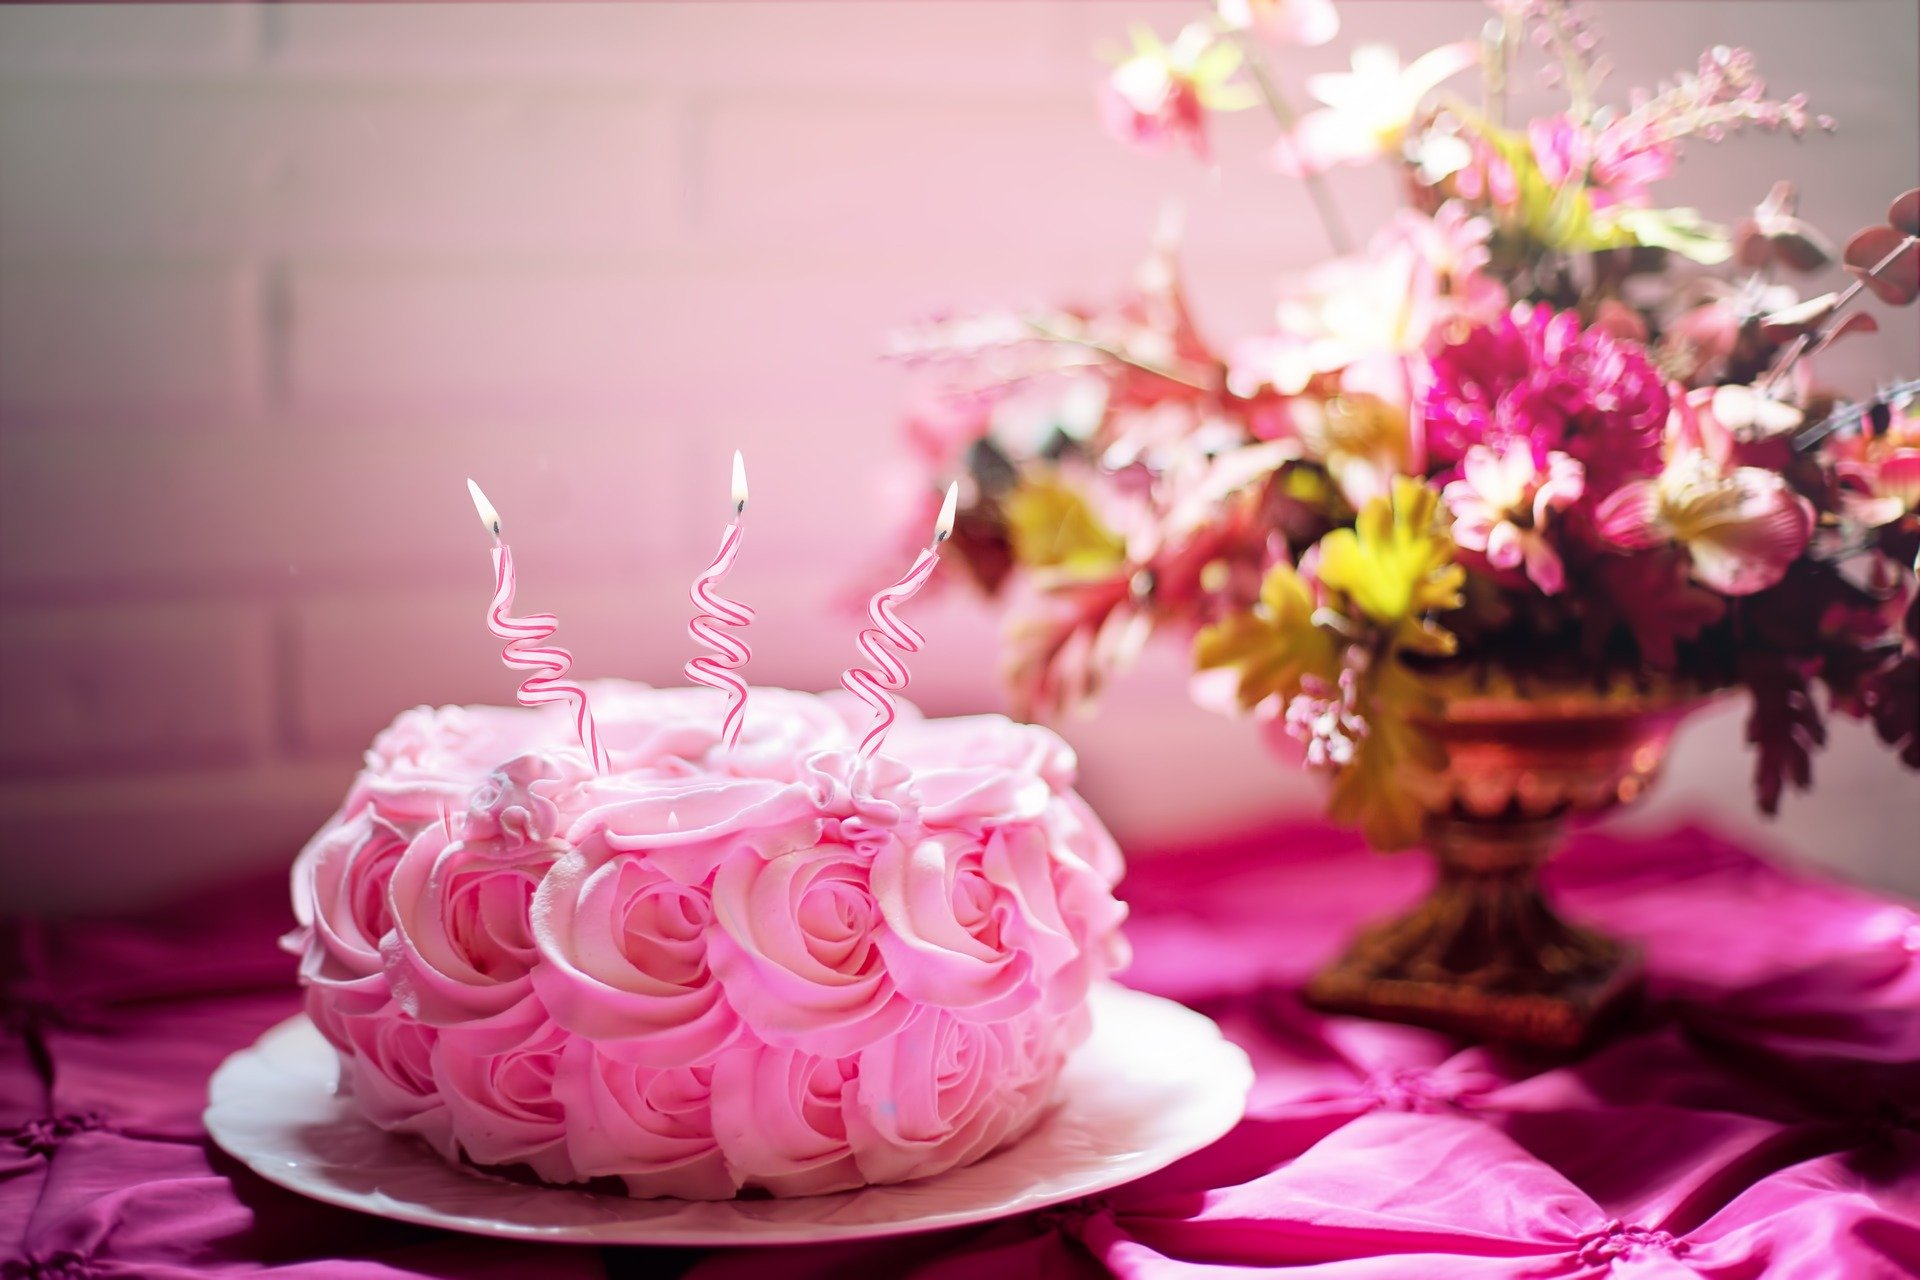 Hoolieday, un prestataire à votre service pour rendre votre anniversaire inoubliable